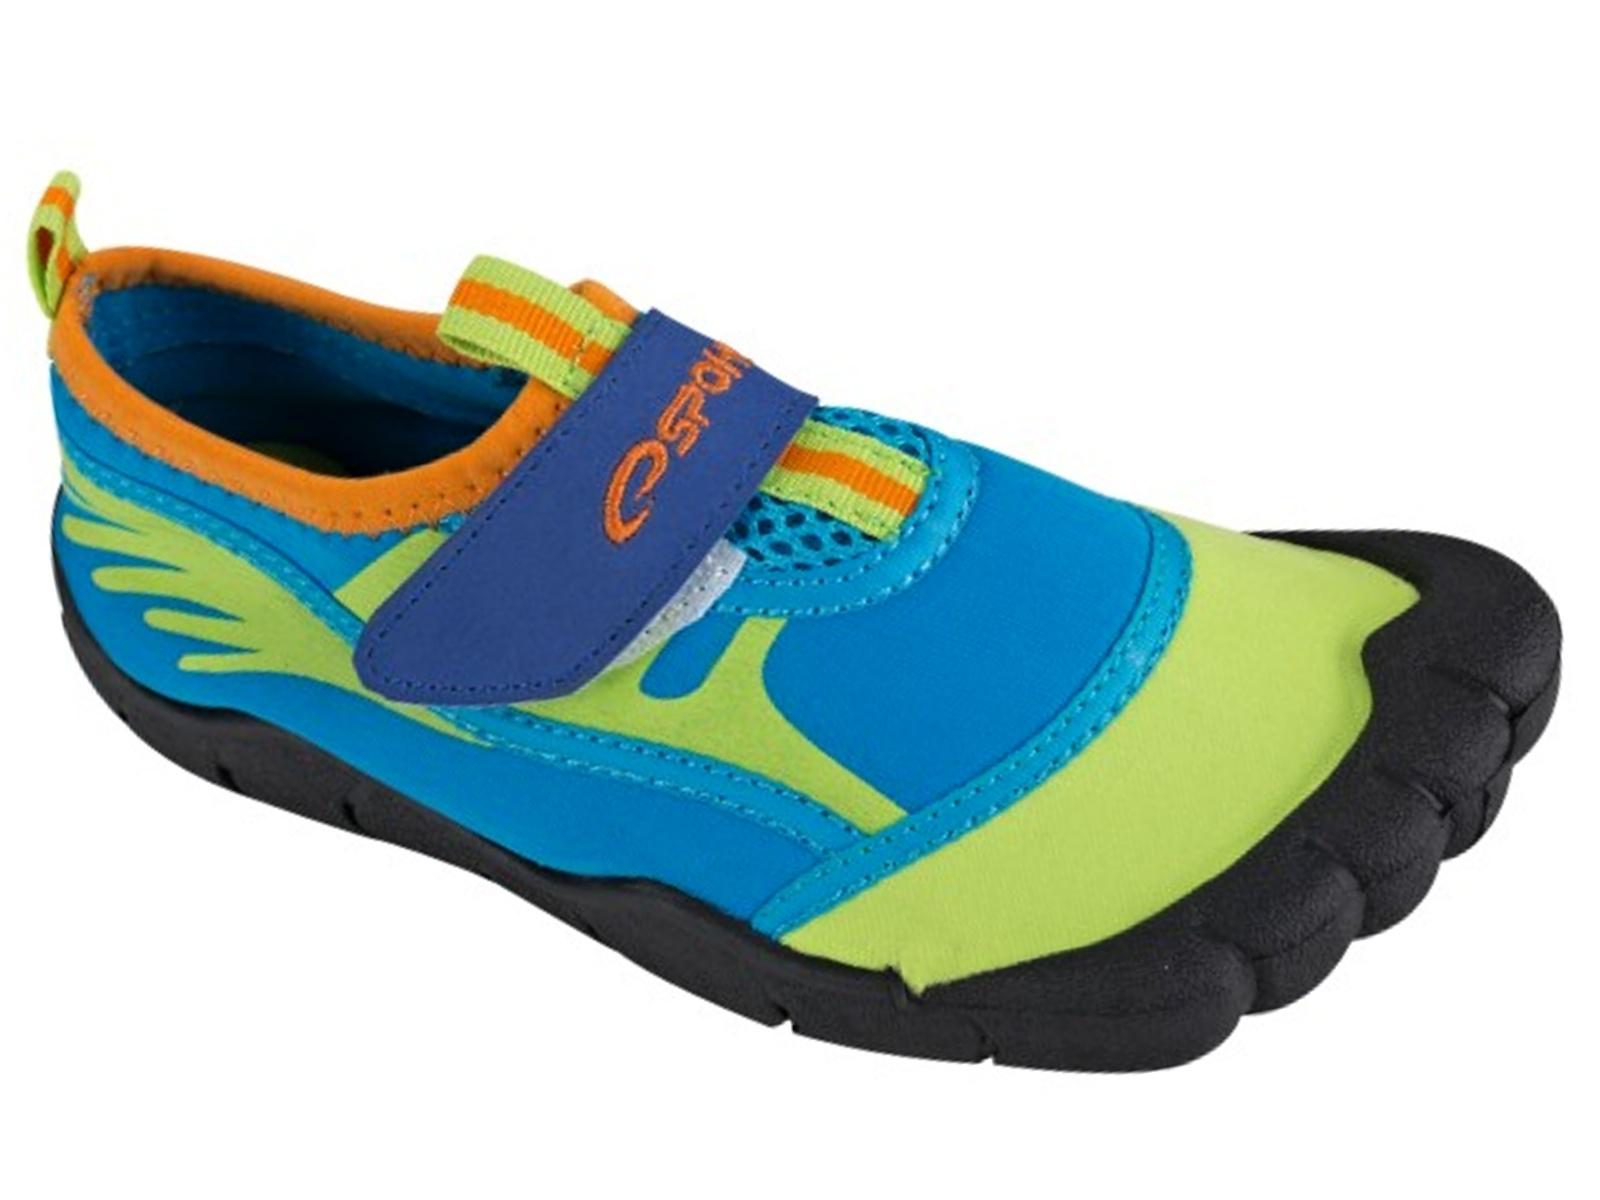 Boty do vody SPOKEY Seafoot chlapecké modré - vel. 33